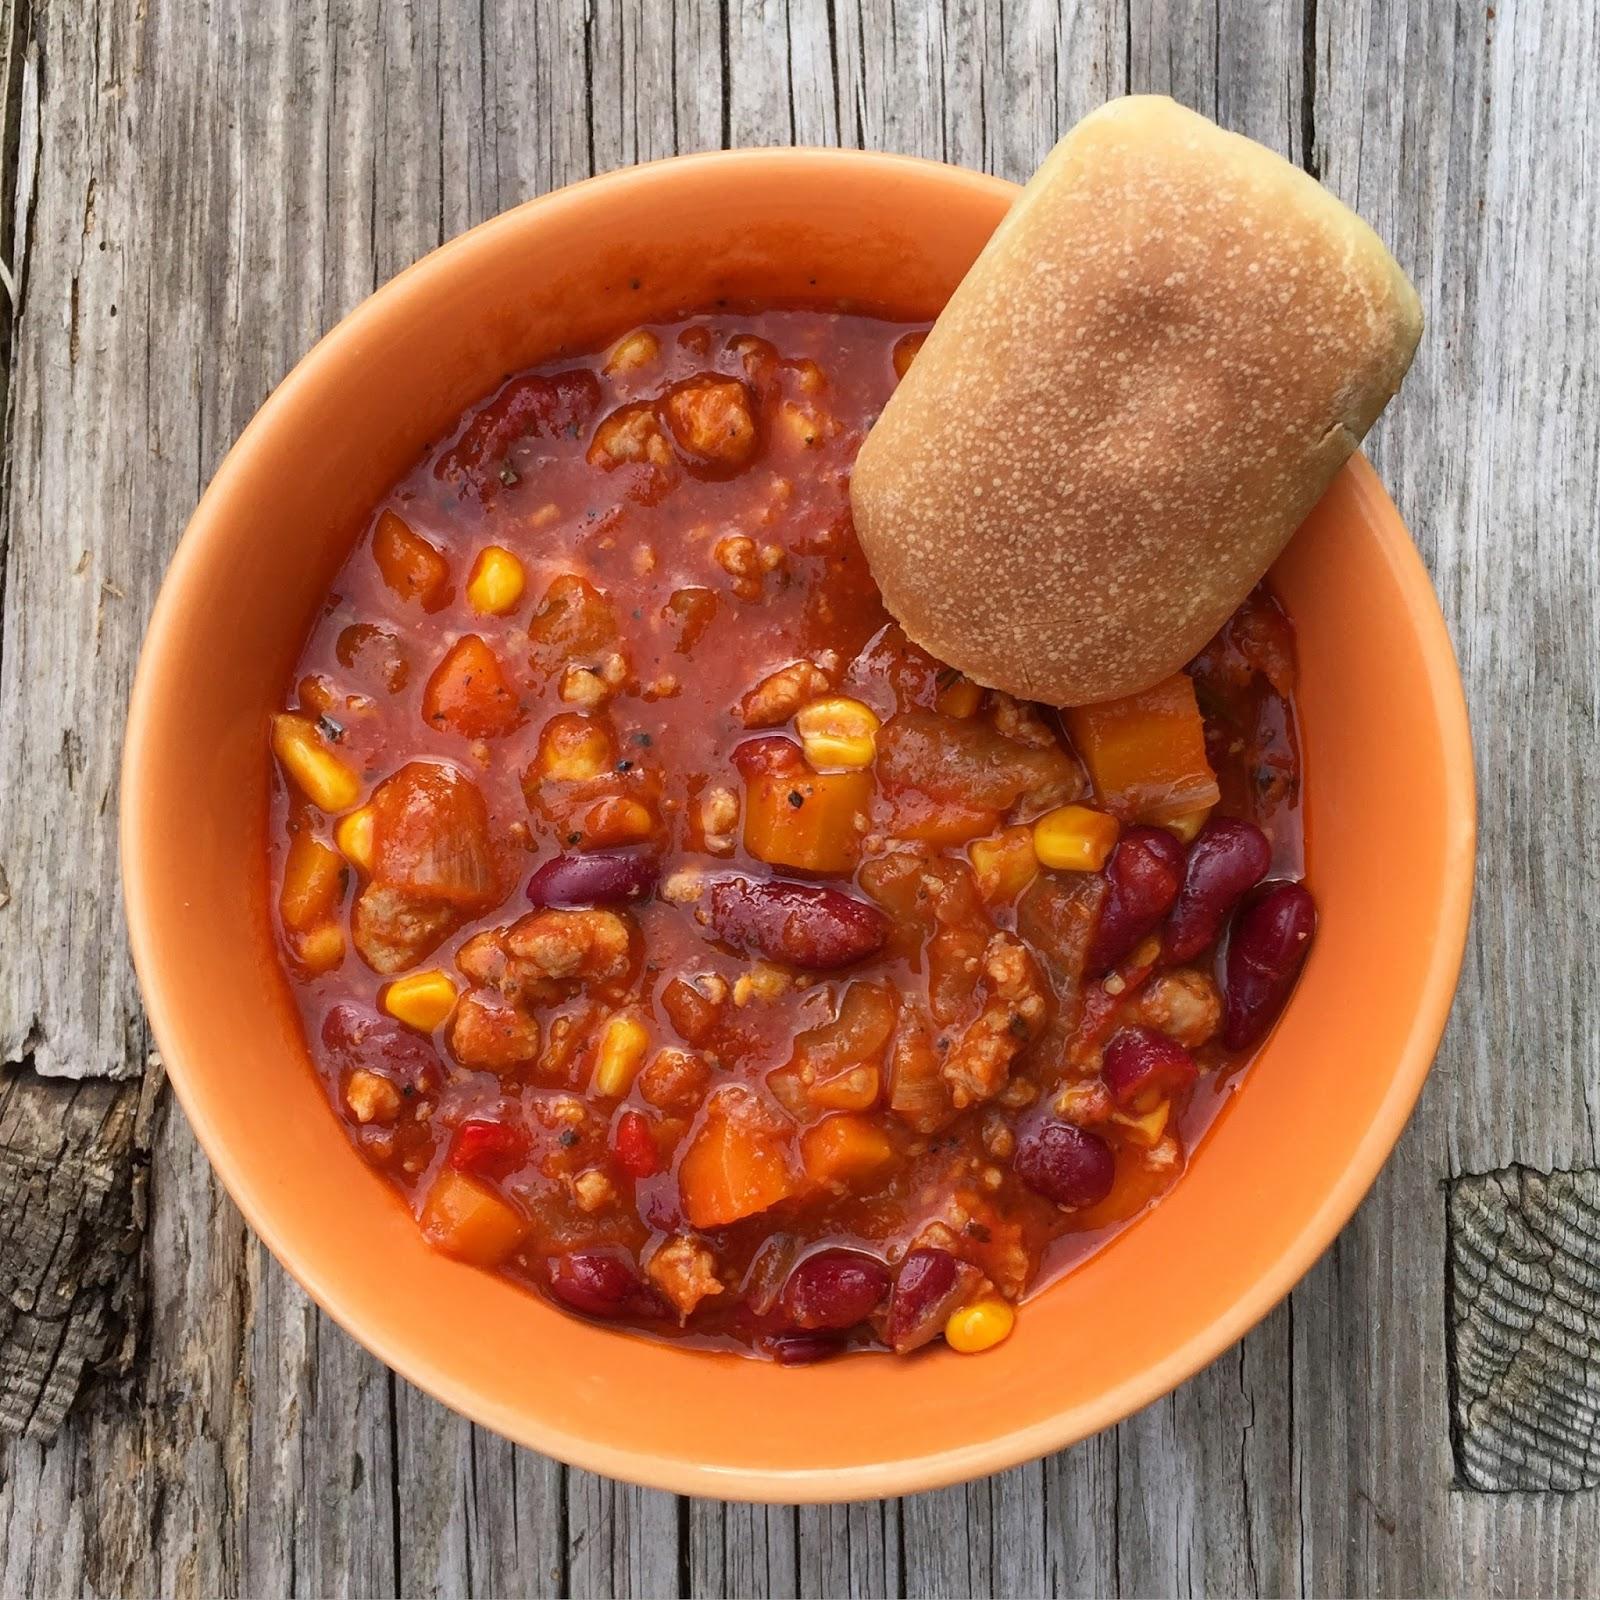 Lanisleckerecke Chili Con Carne